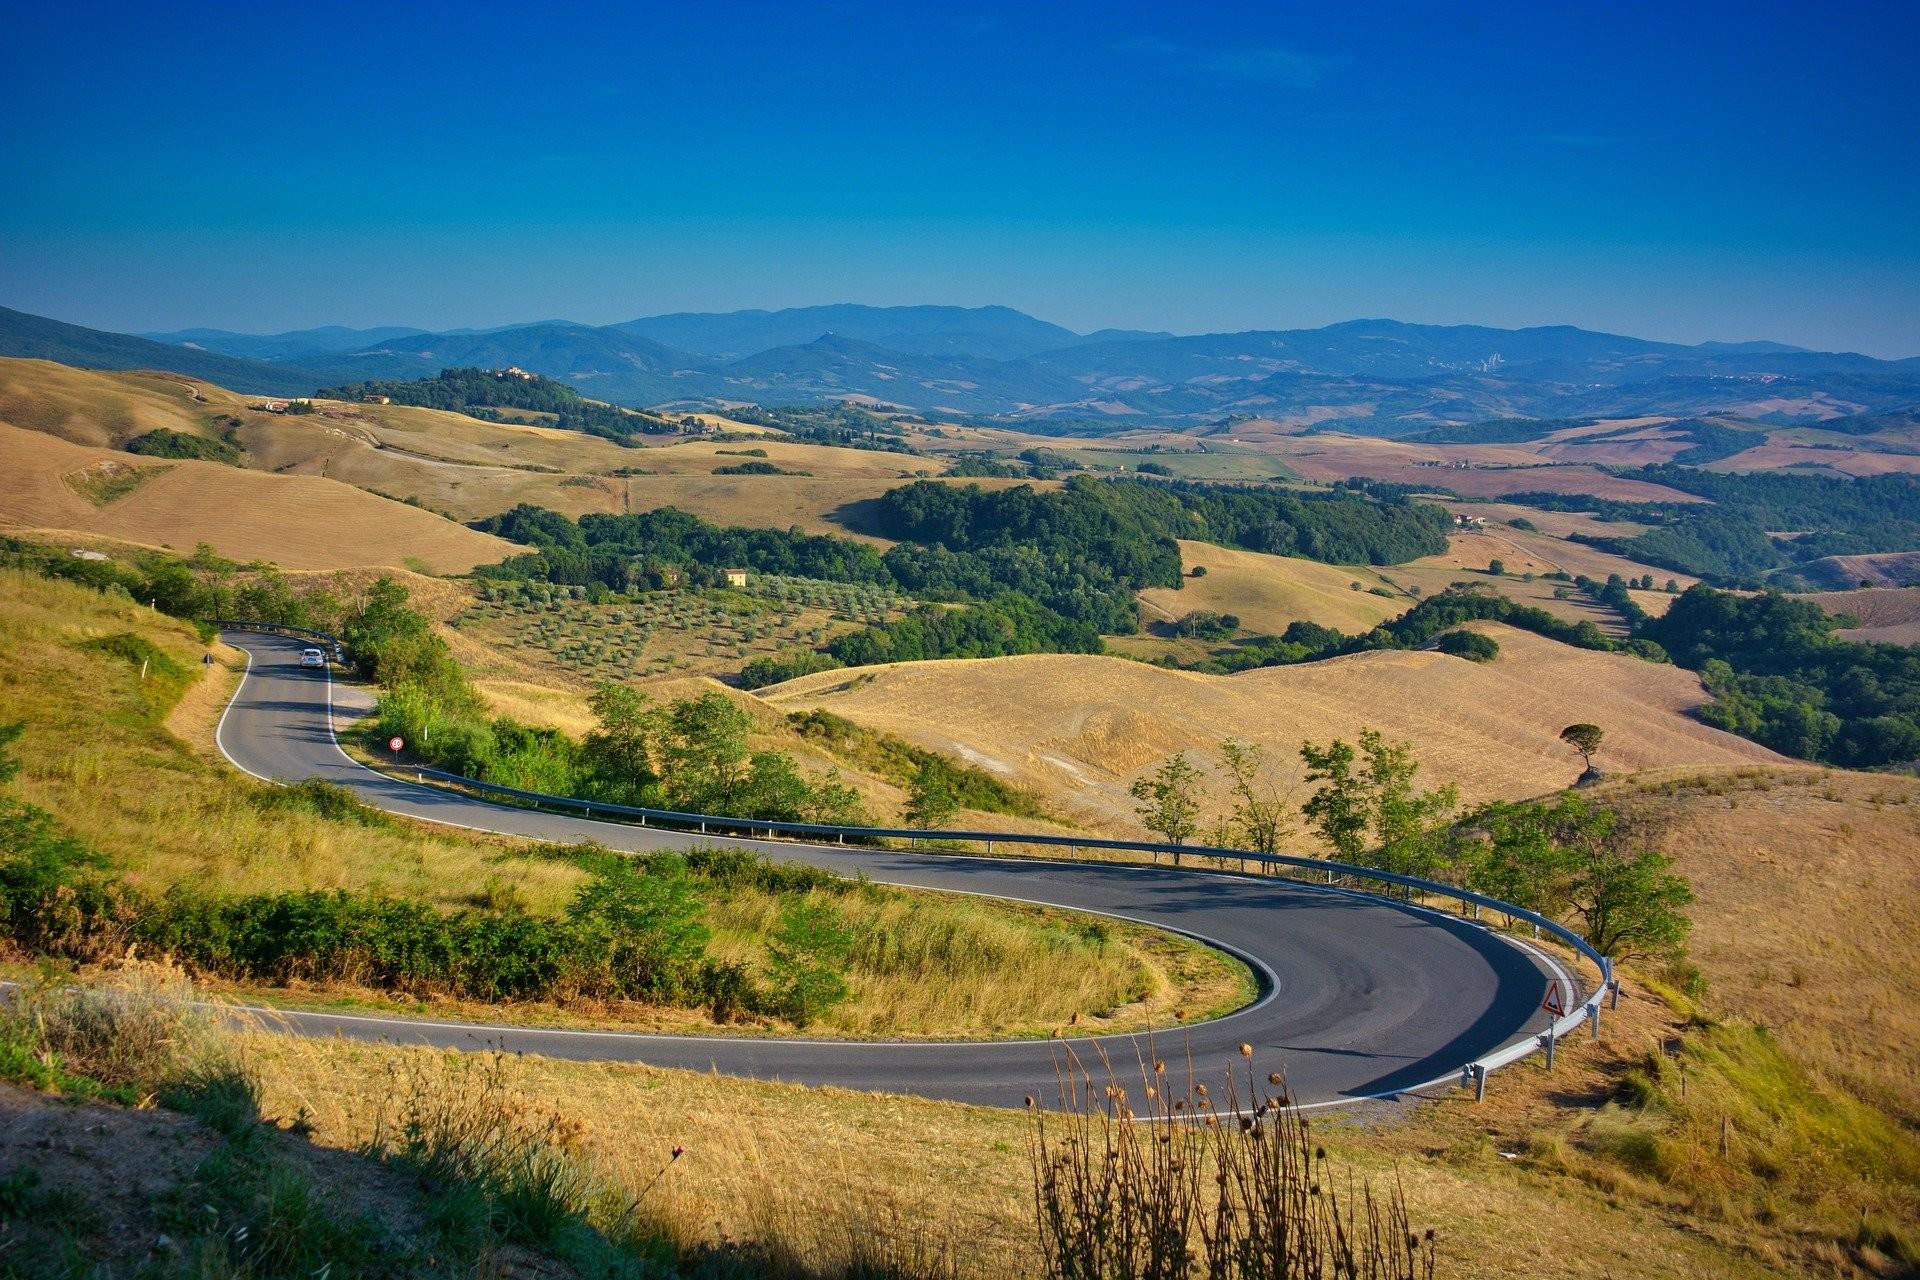 Paesaggio della Toscana - Foto di Rudi Maes